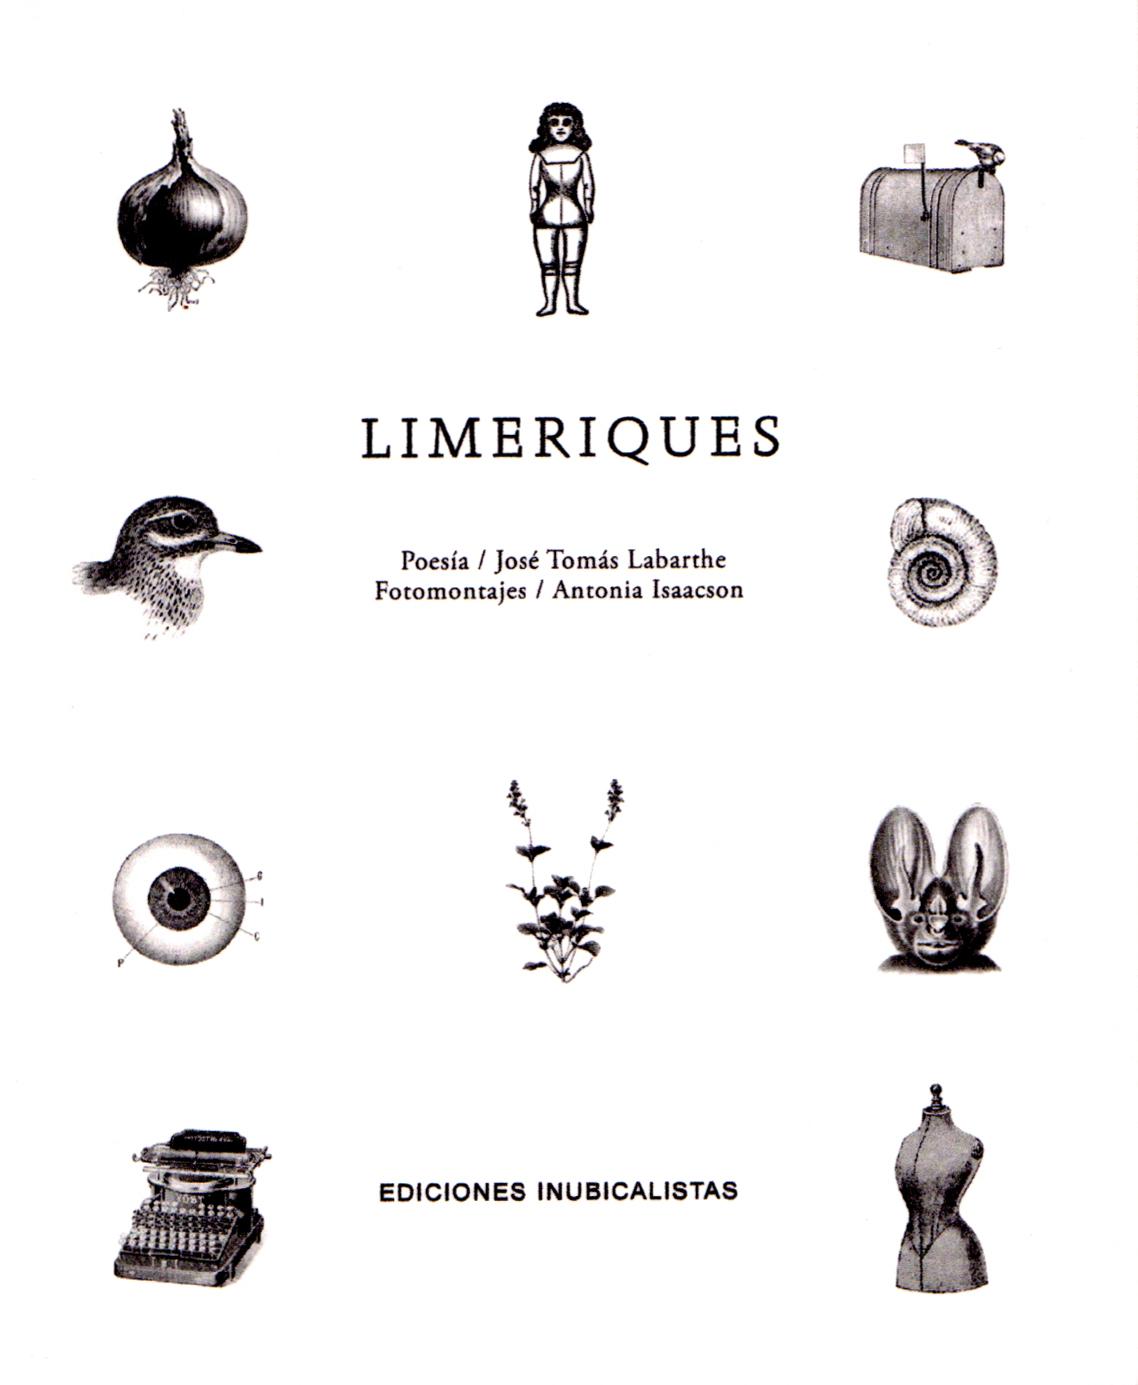 Limeriques